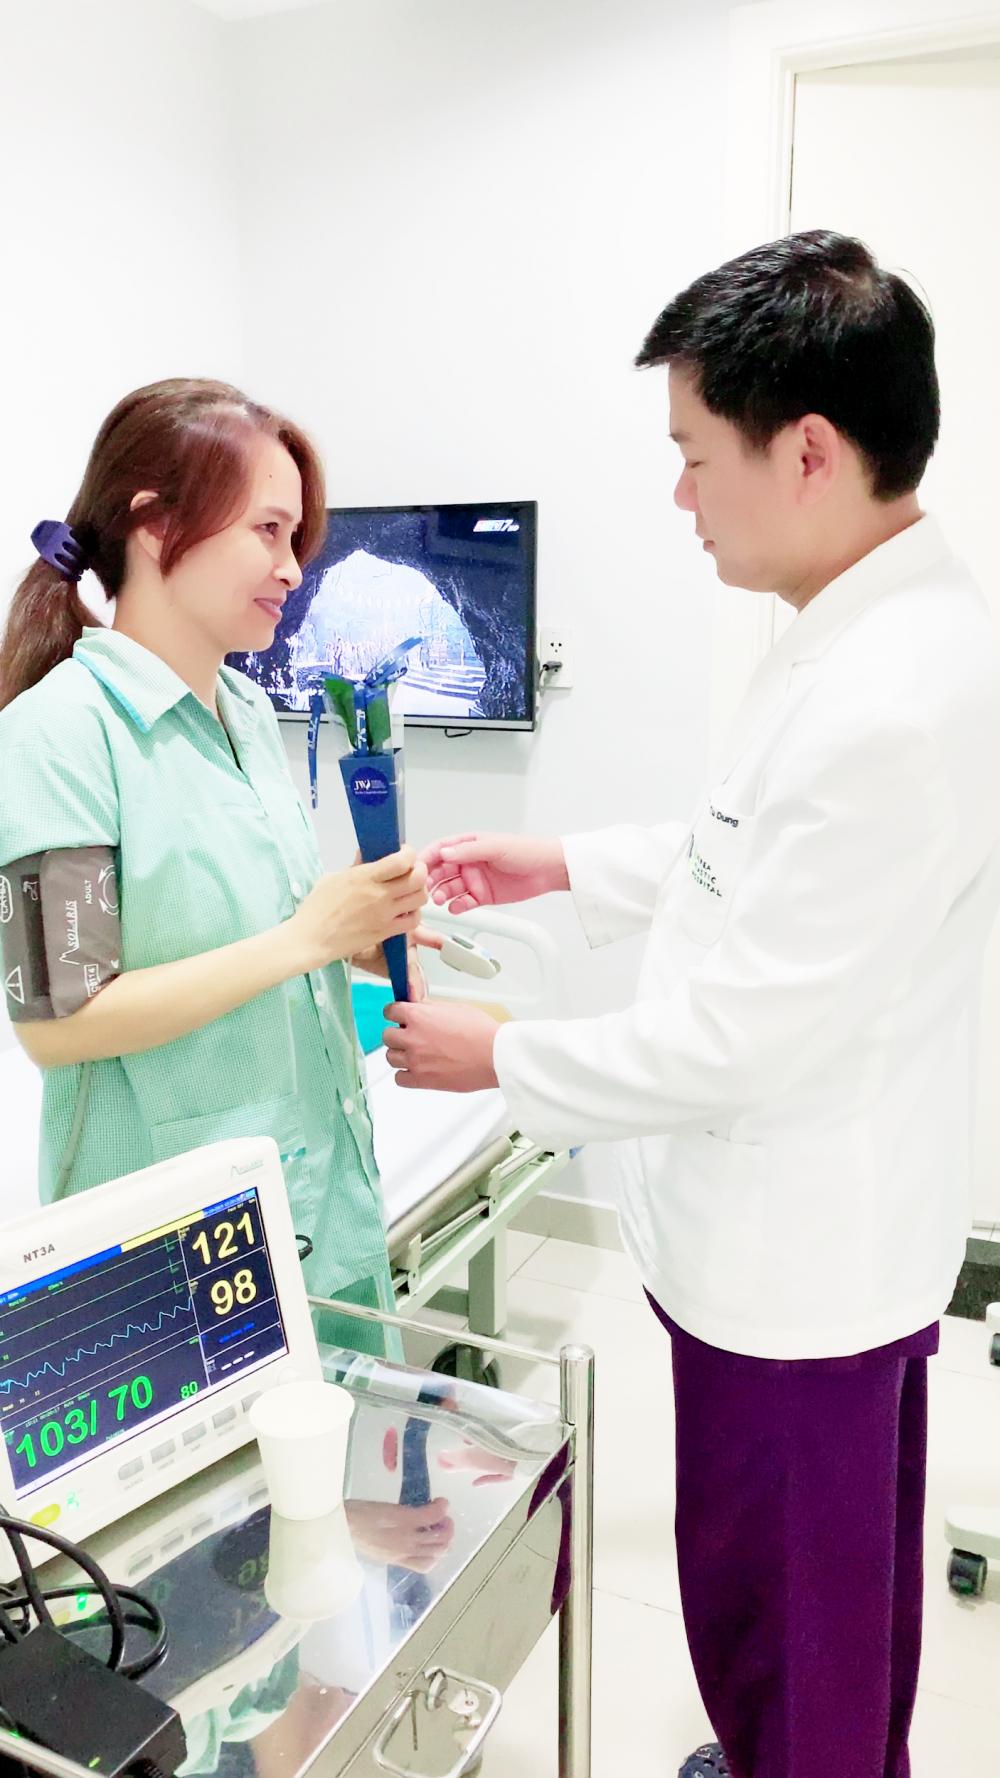 Bác sĩ Tú Dung đến thăm từng phòng lưu trú để tặng hoa cho chị em phụ nữ. Ảnh: Thẩm mỹ JW Hàn Quốc cung cấp